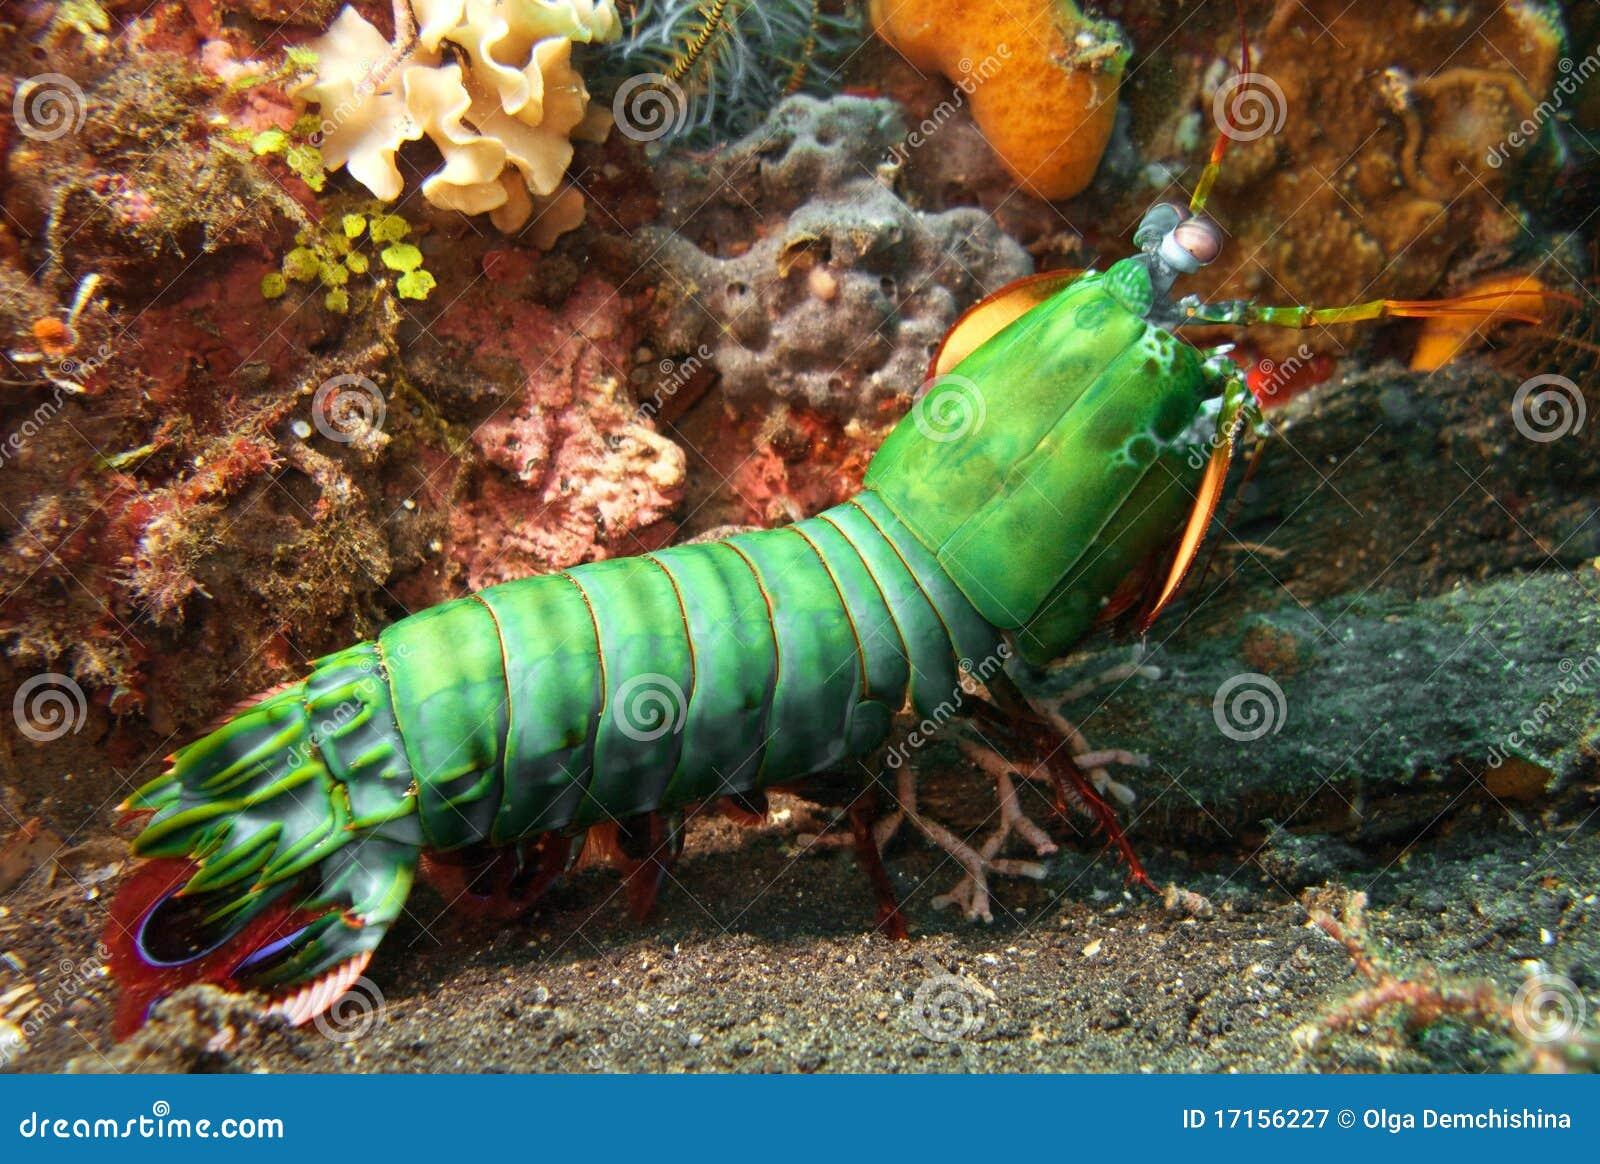 Mantisgarnele